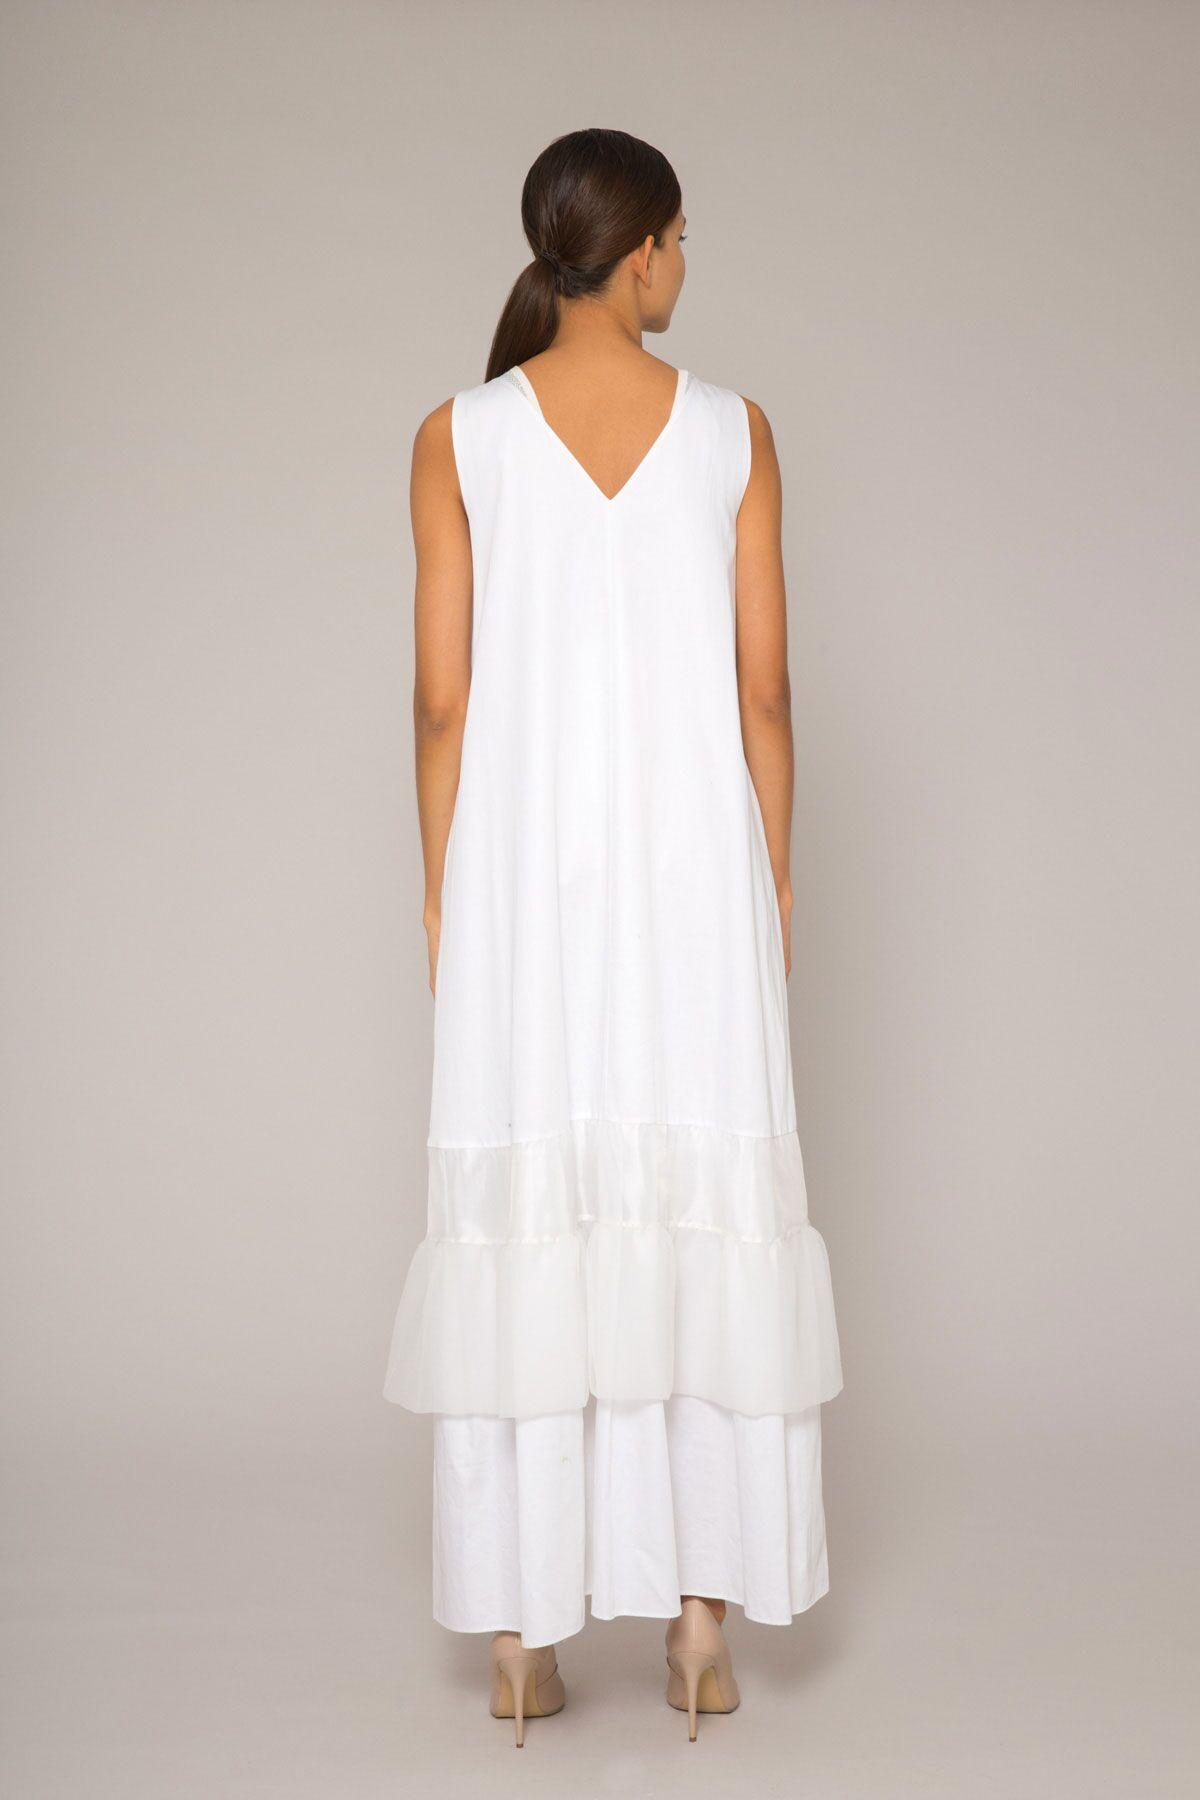 Triko Detaylı, Renkli Nakış Aplikeli Poplin Elbise